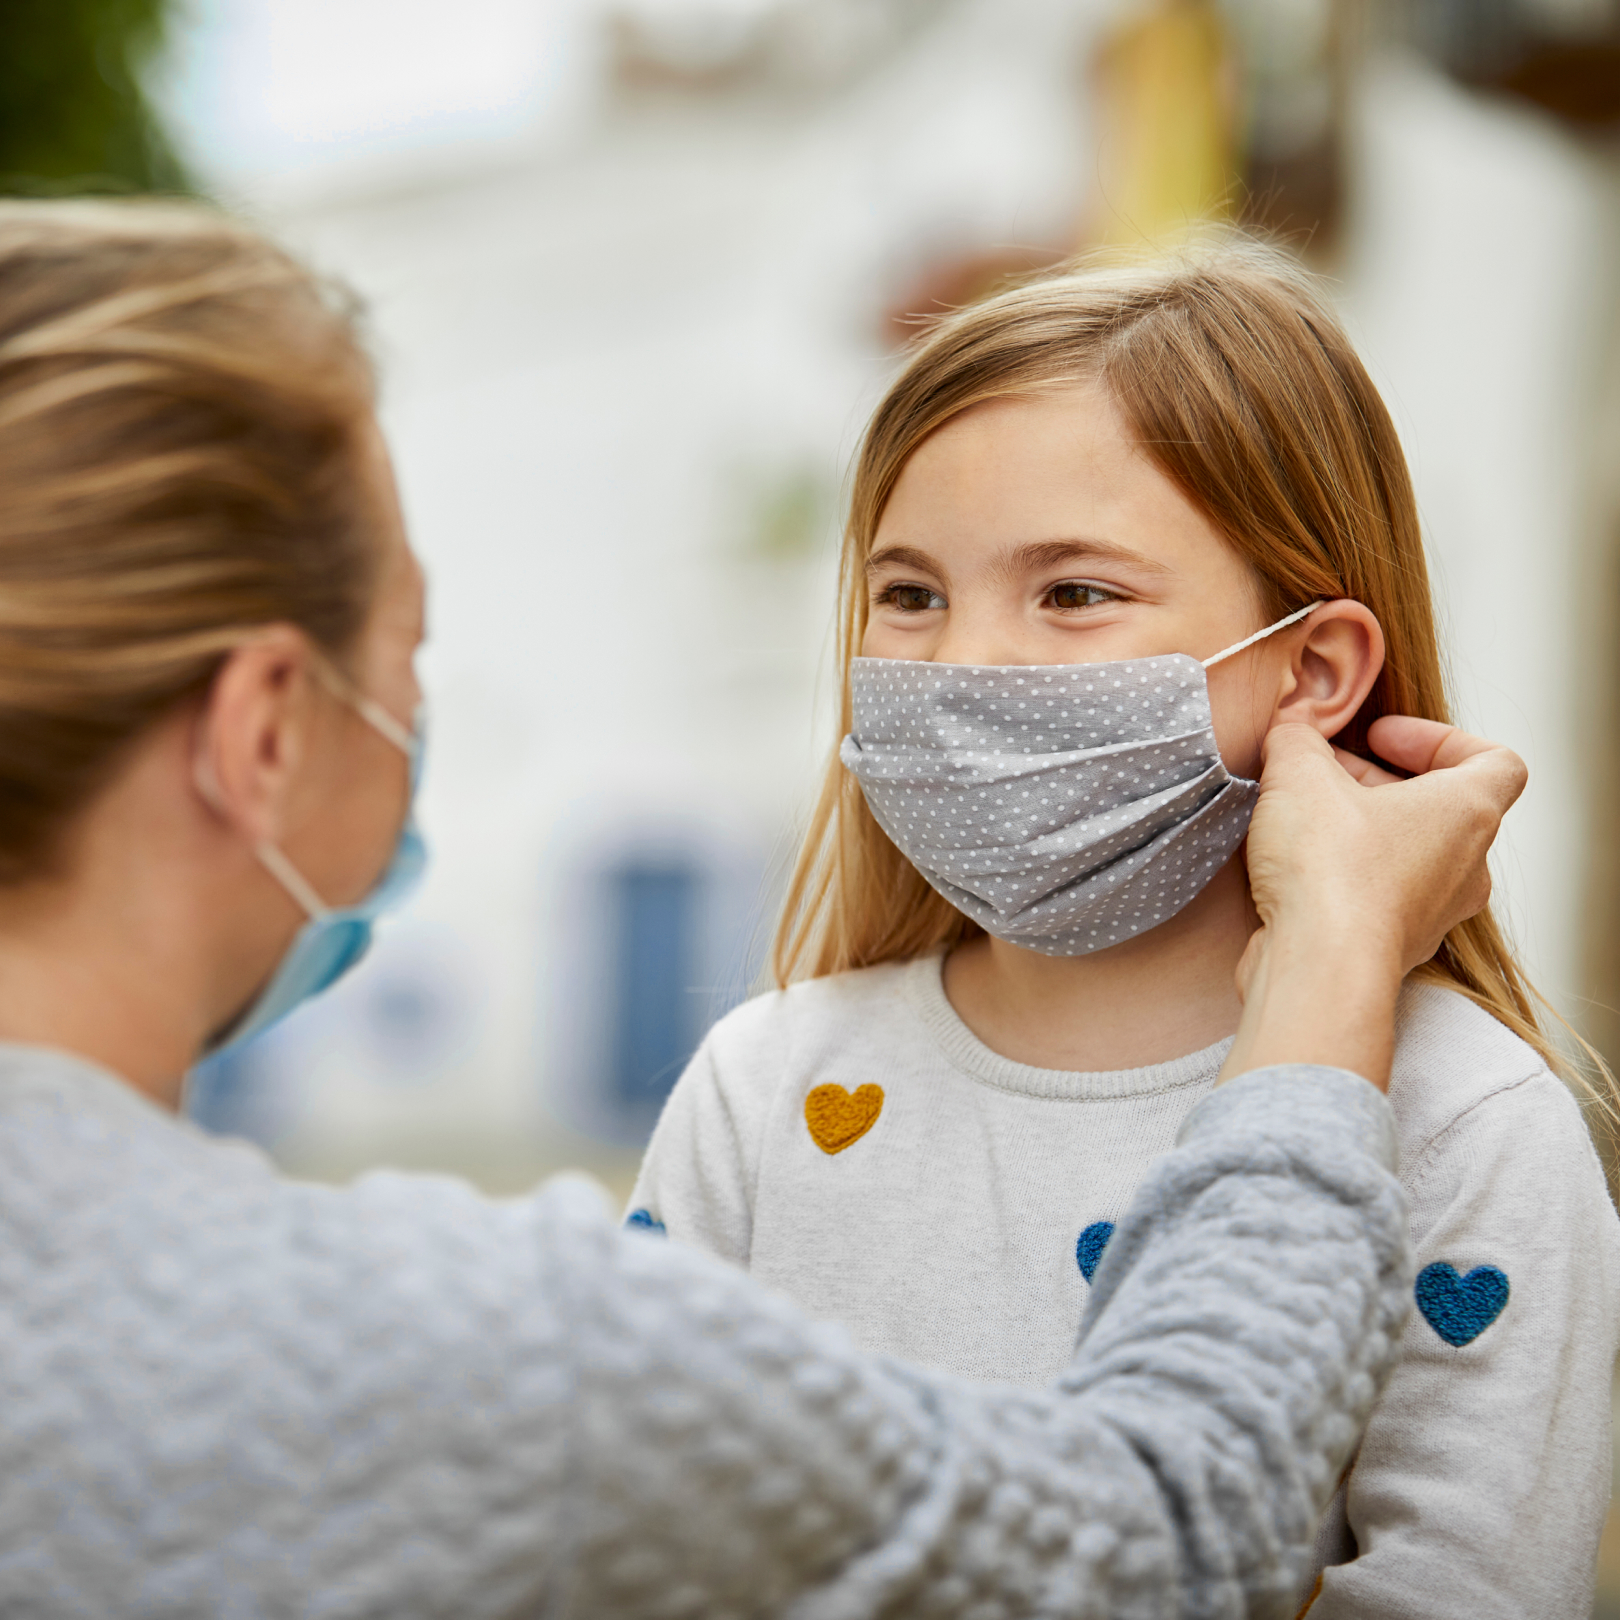 正在帮助孩子戴口罩的人